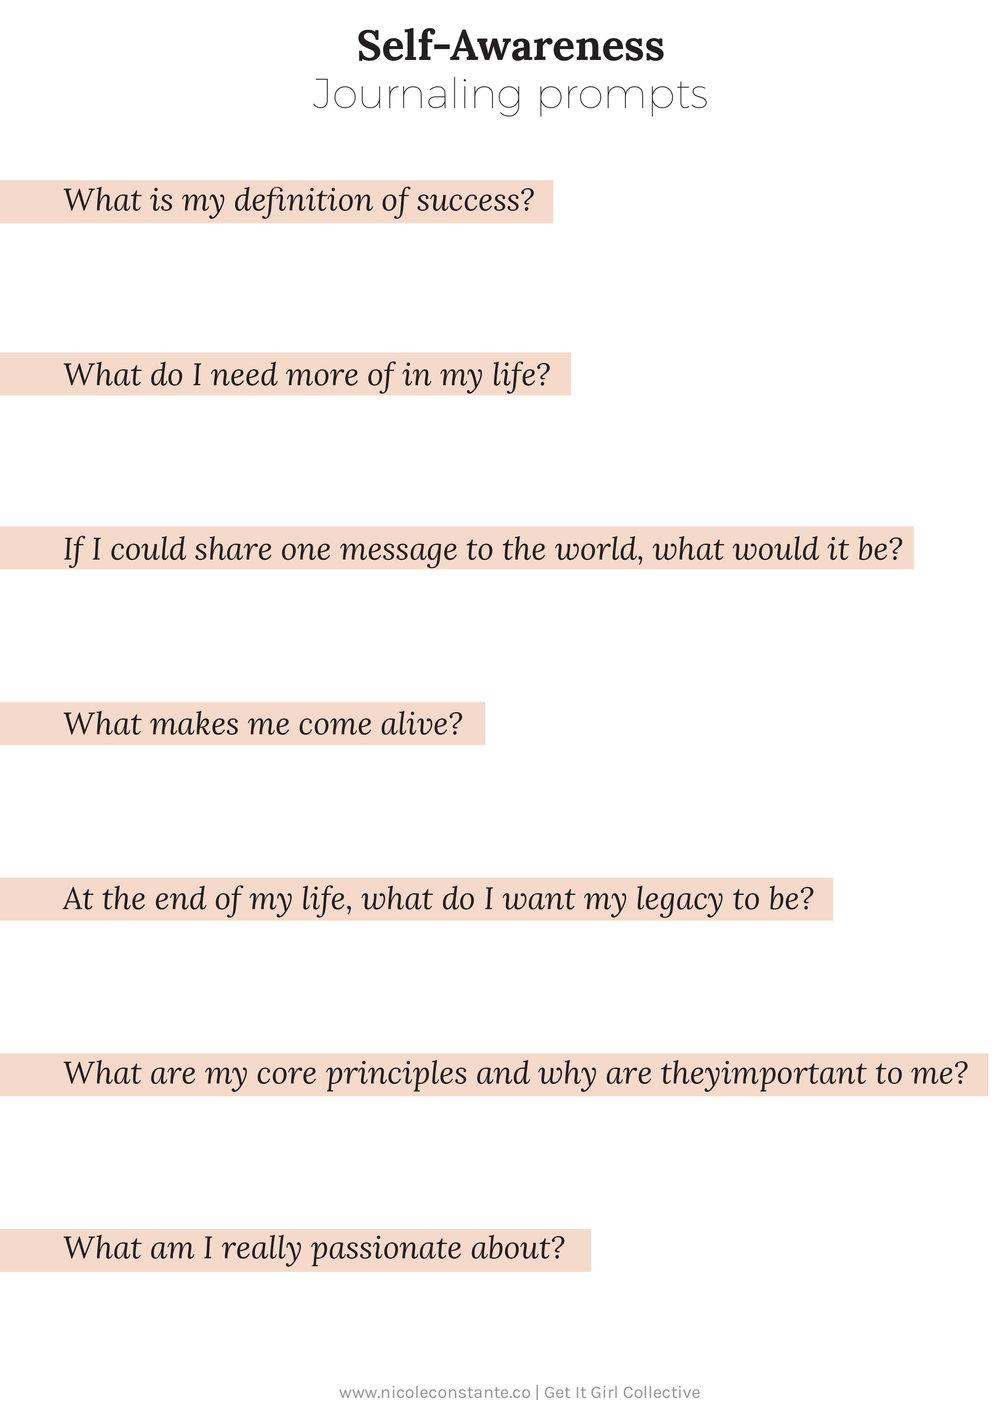 Self awareness journaling prompts.jpg